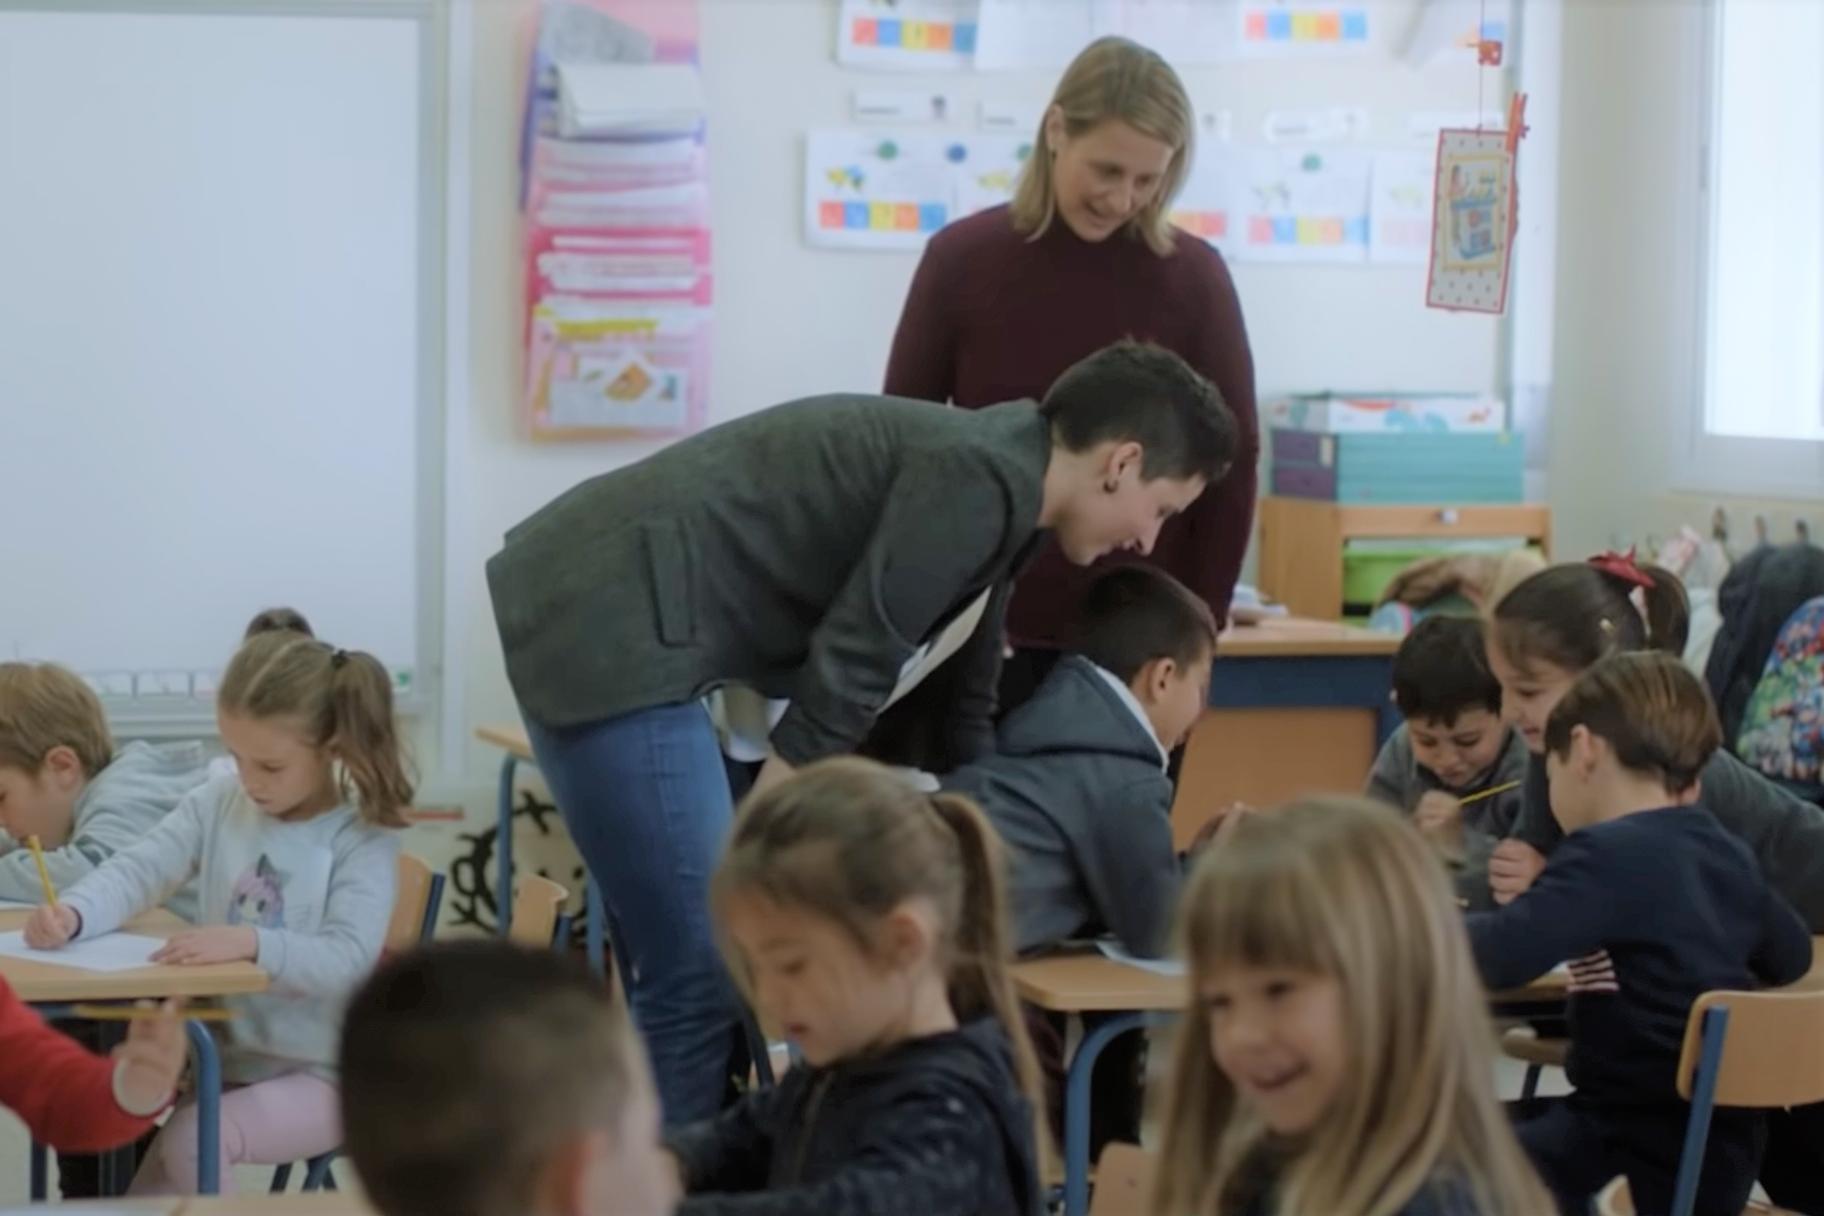 Amélie visits a classroom for her nonprofit, Aprendices Visuales.